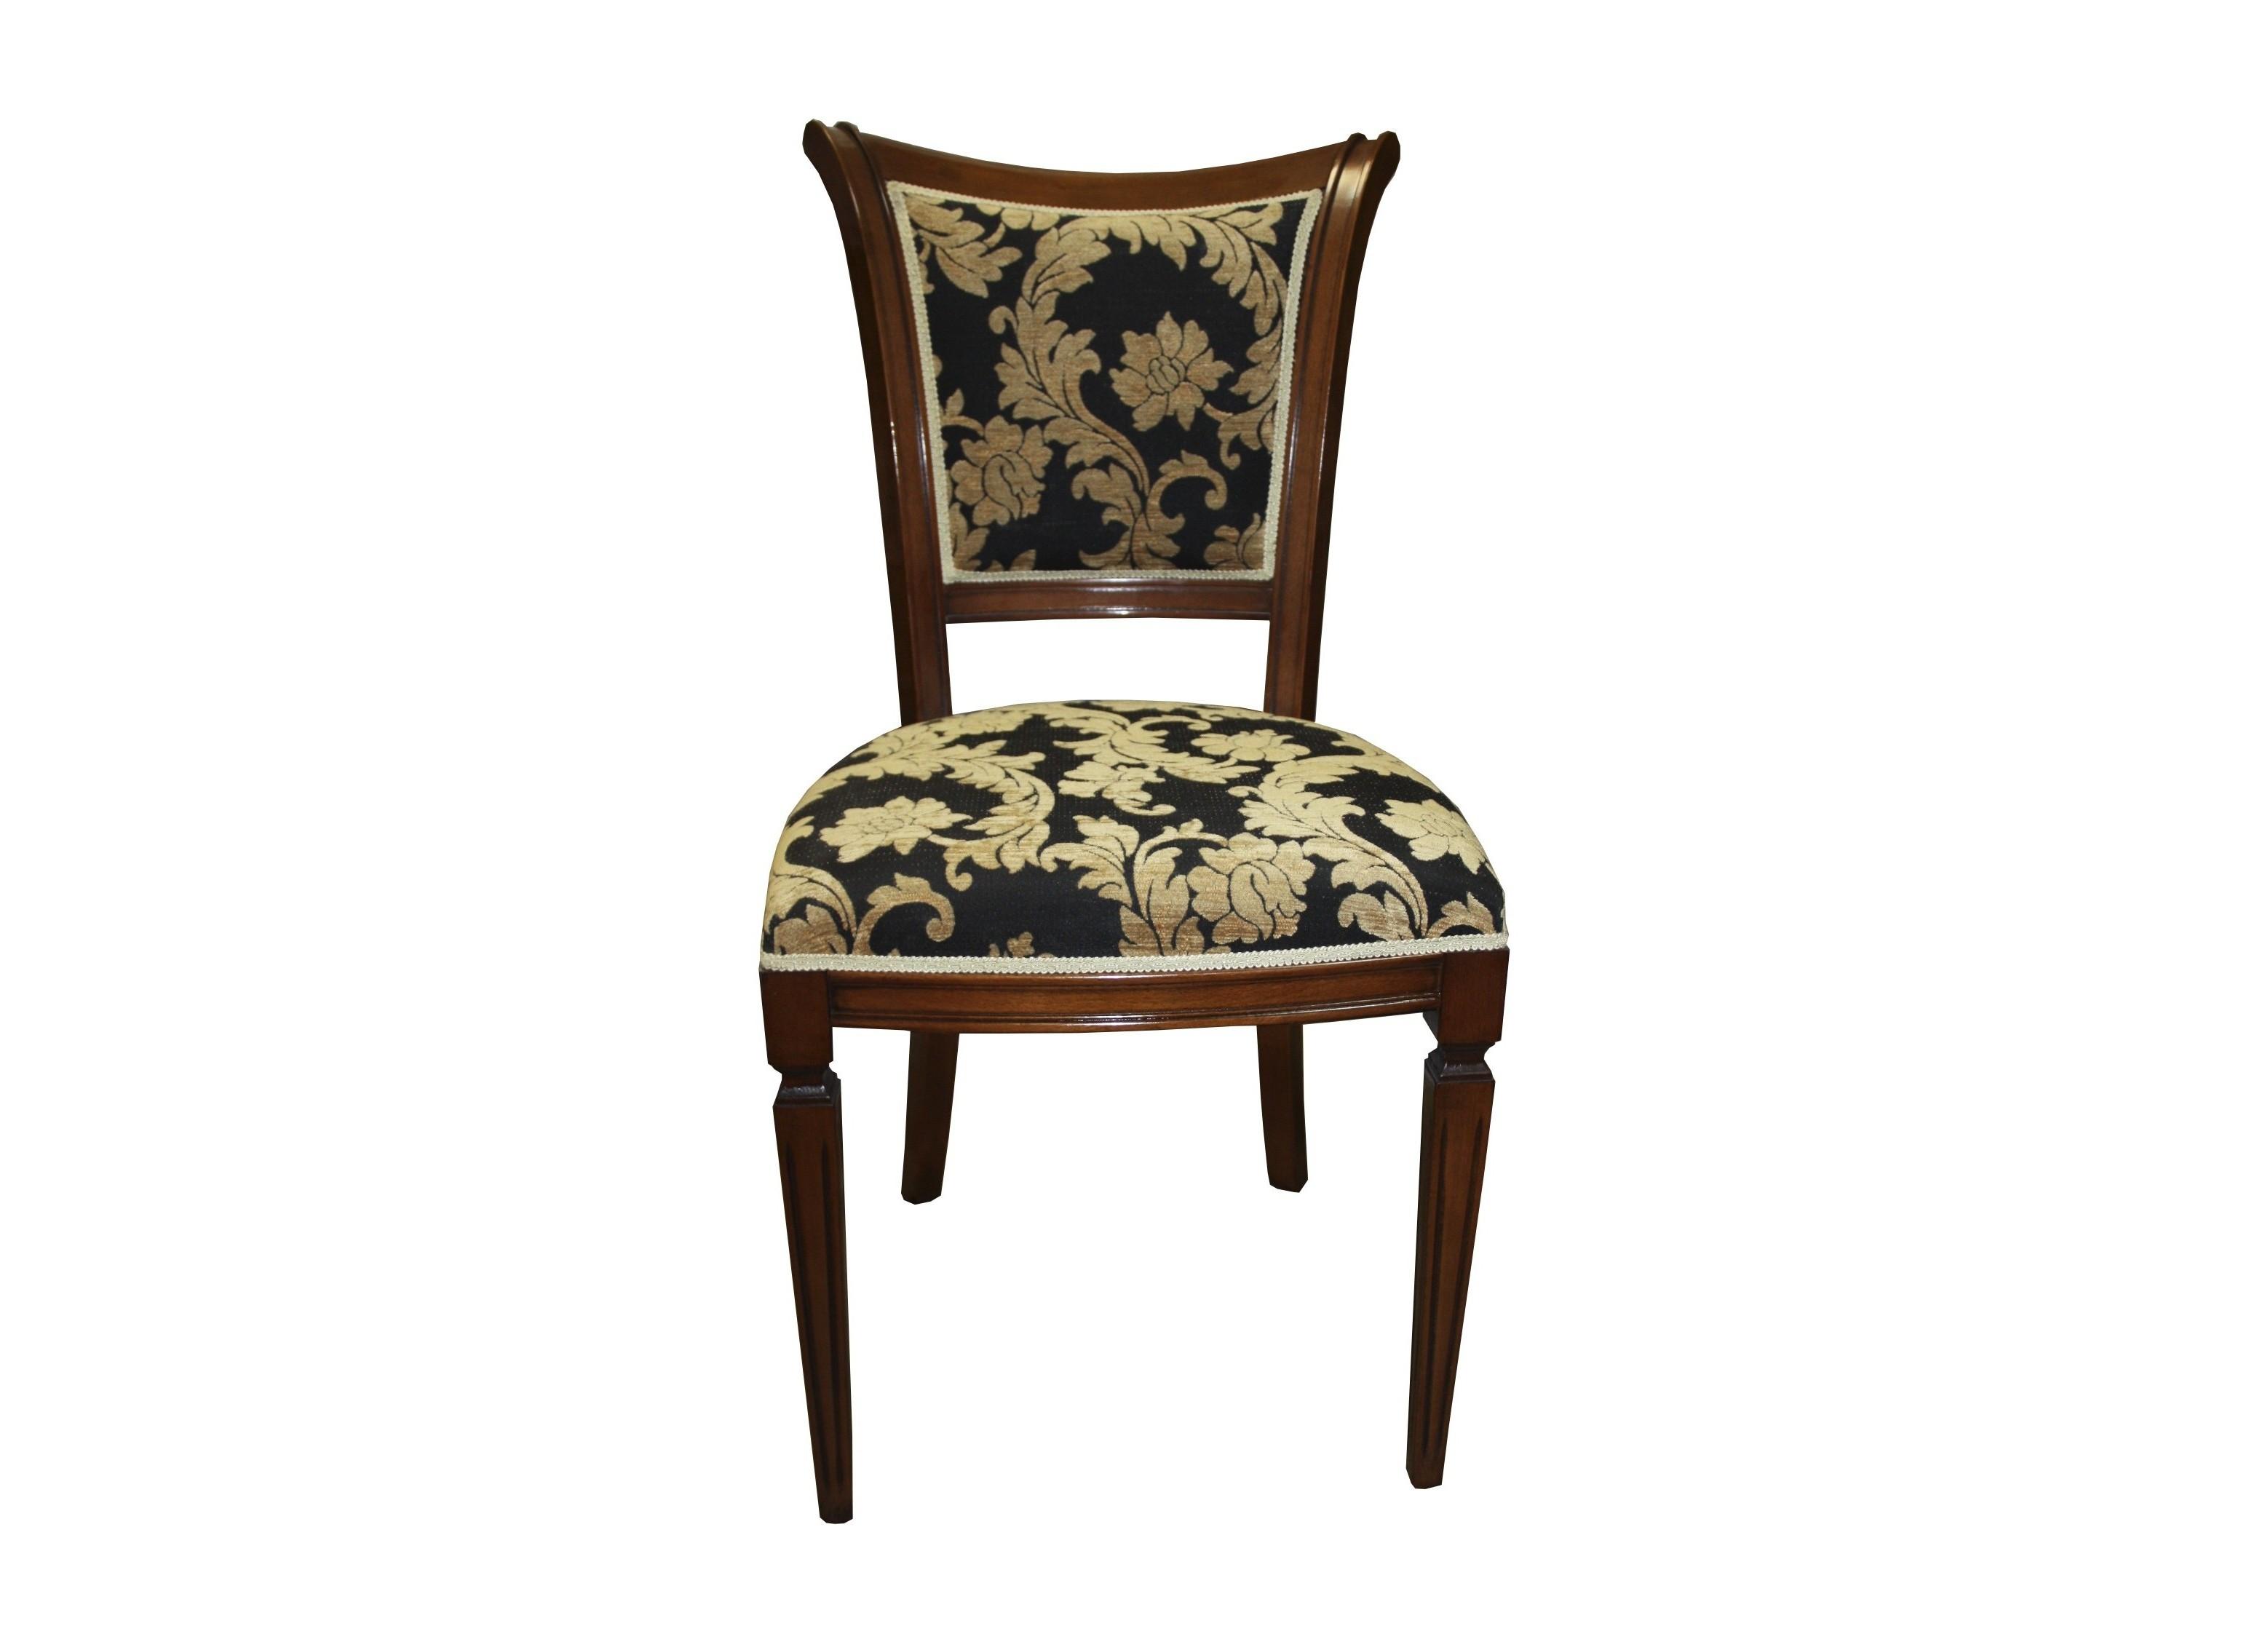 СтулОбеденные стулья<br>Несомненным преимуществом цветной мебели &amp;quot;Кантри&amp;quot;является ее высокое качество. Коллекция изготовлена в Румынии и выполнена полностью из массива дерева (средиземноморская сосна). Мебель &amp;quot;Кантри&amp;quot; из массива рассчитана на длительное и активное использование.<br>Кроме того, большая часть предметов коллекции  &amp;quot;Кантри&amp;quot; покрыта двумя слоями красок разных цветов и запатинирована. Искусственная состаренность придает мебели особый теплый деревенский шарм.&amp;amp;nbsp;<br><br>Material: Сосна<br>Length см: 0<br>Width см: 58<br>Depth см: 48<br>Height см: 97<br>Diameter см: 0